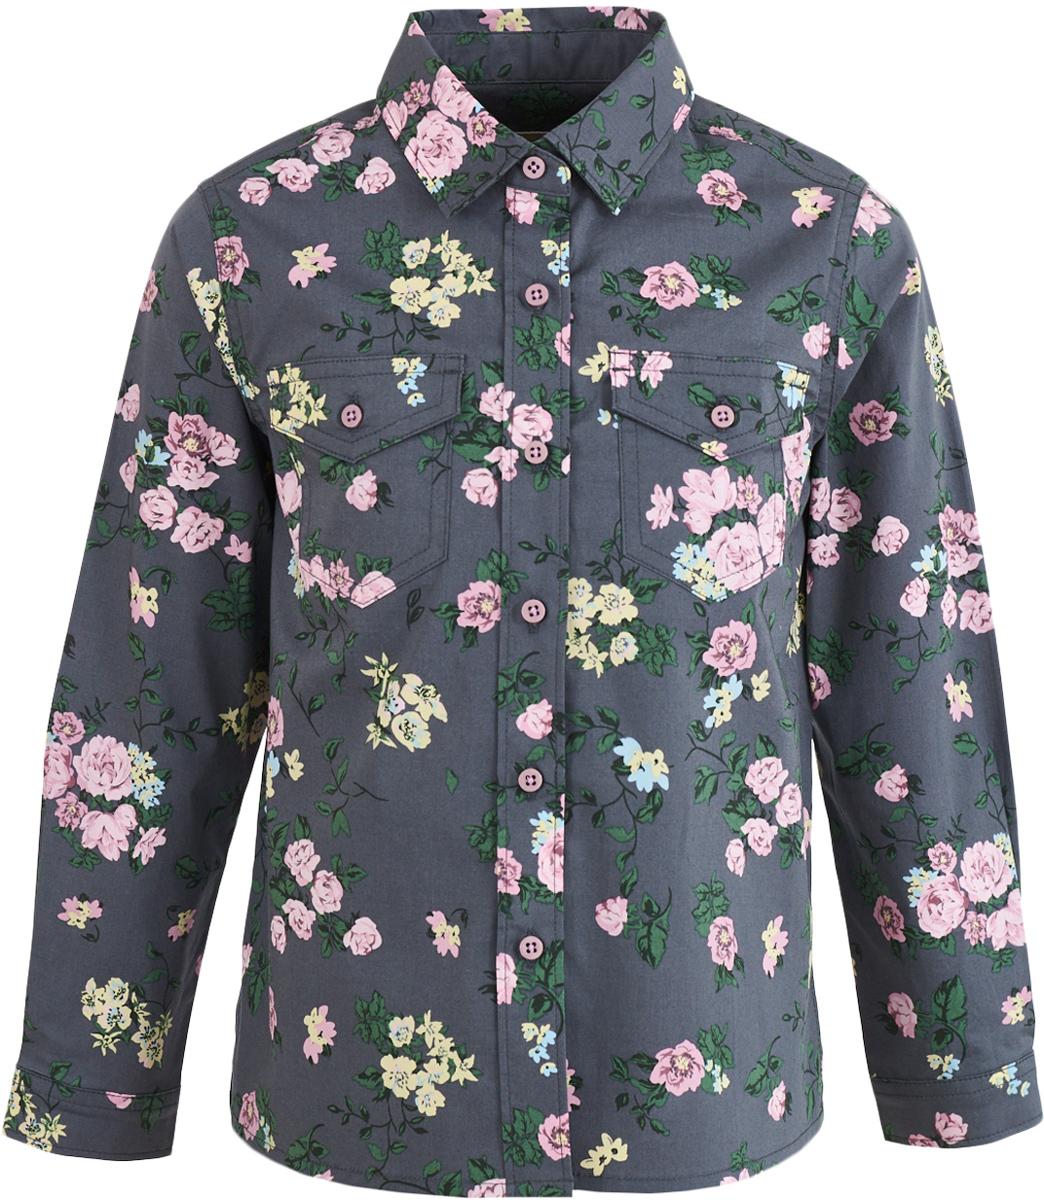 Рубашка для девочки Button Blue, цвет: темно-серый. 217BBGC23012014. Размер 116, 6 лет рубашка для мальчика button blue цвет белый 217bbbc23010213 размер 128 8 лет